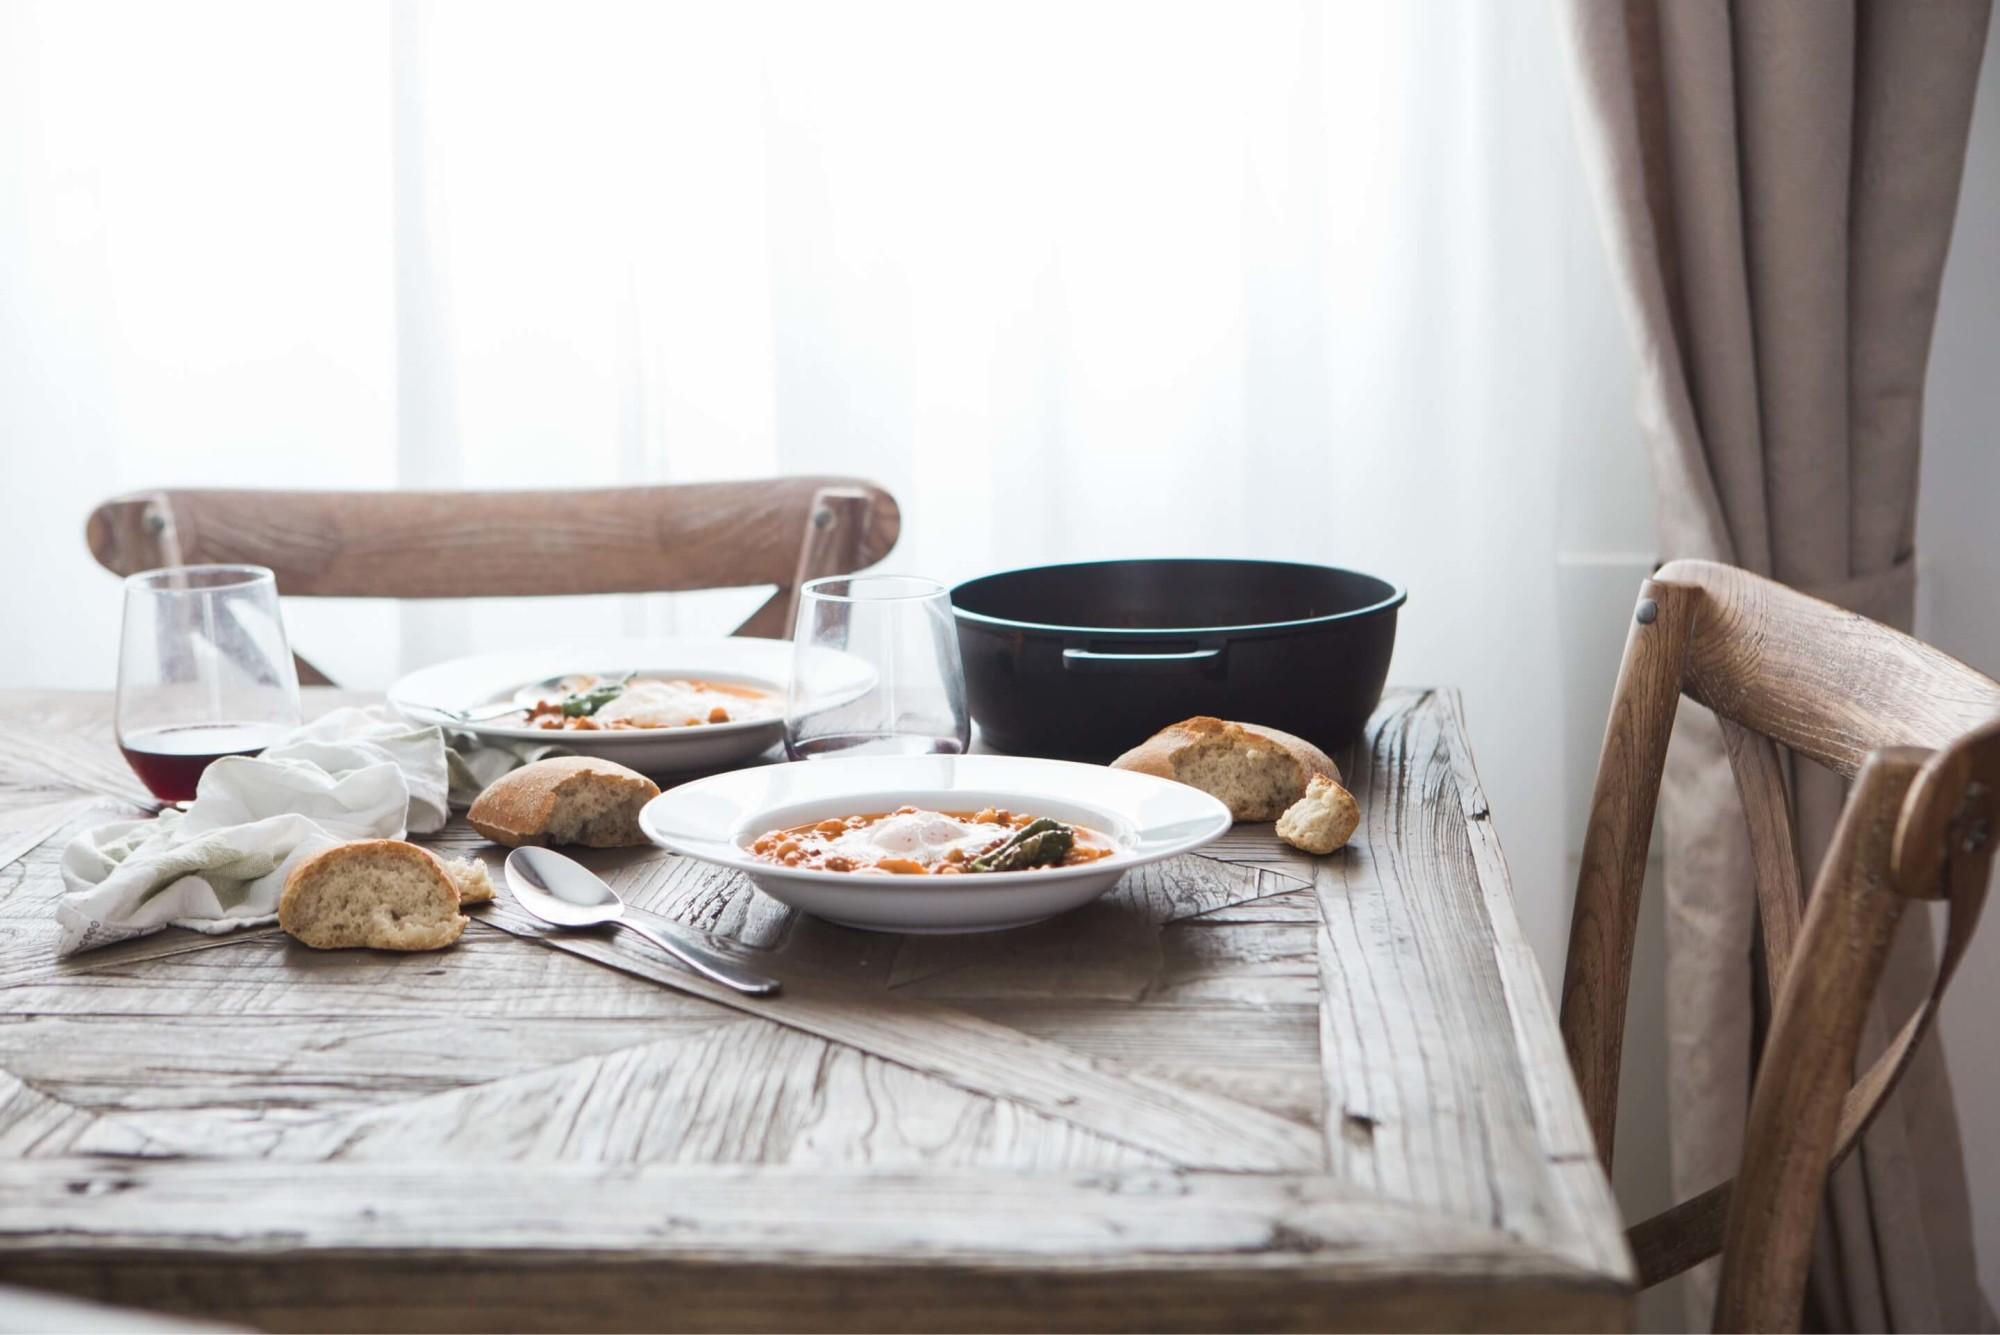 Alizee-culinair-en-ecologisch